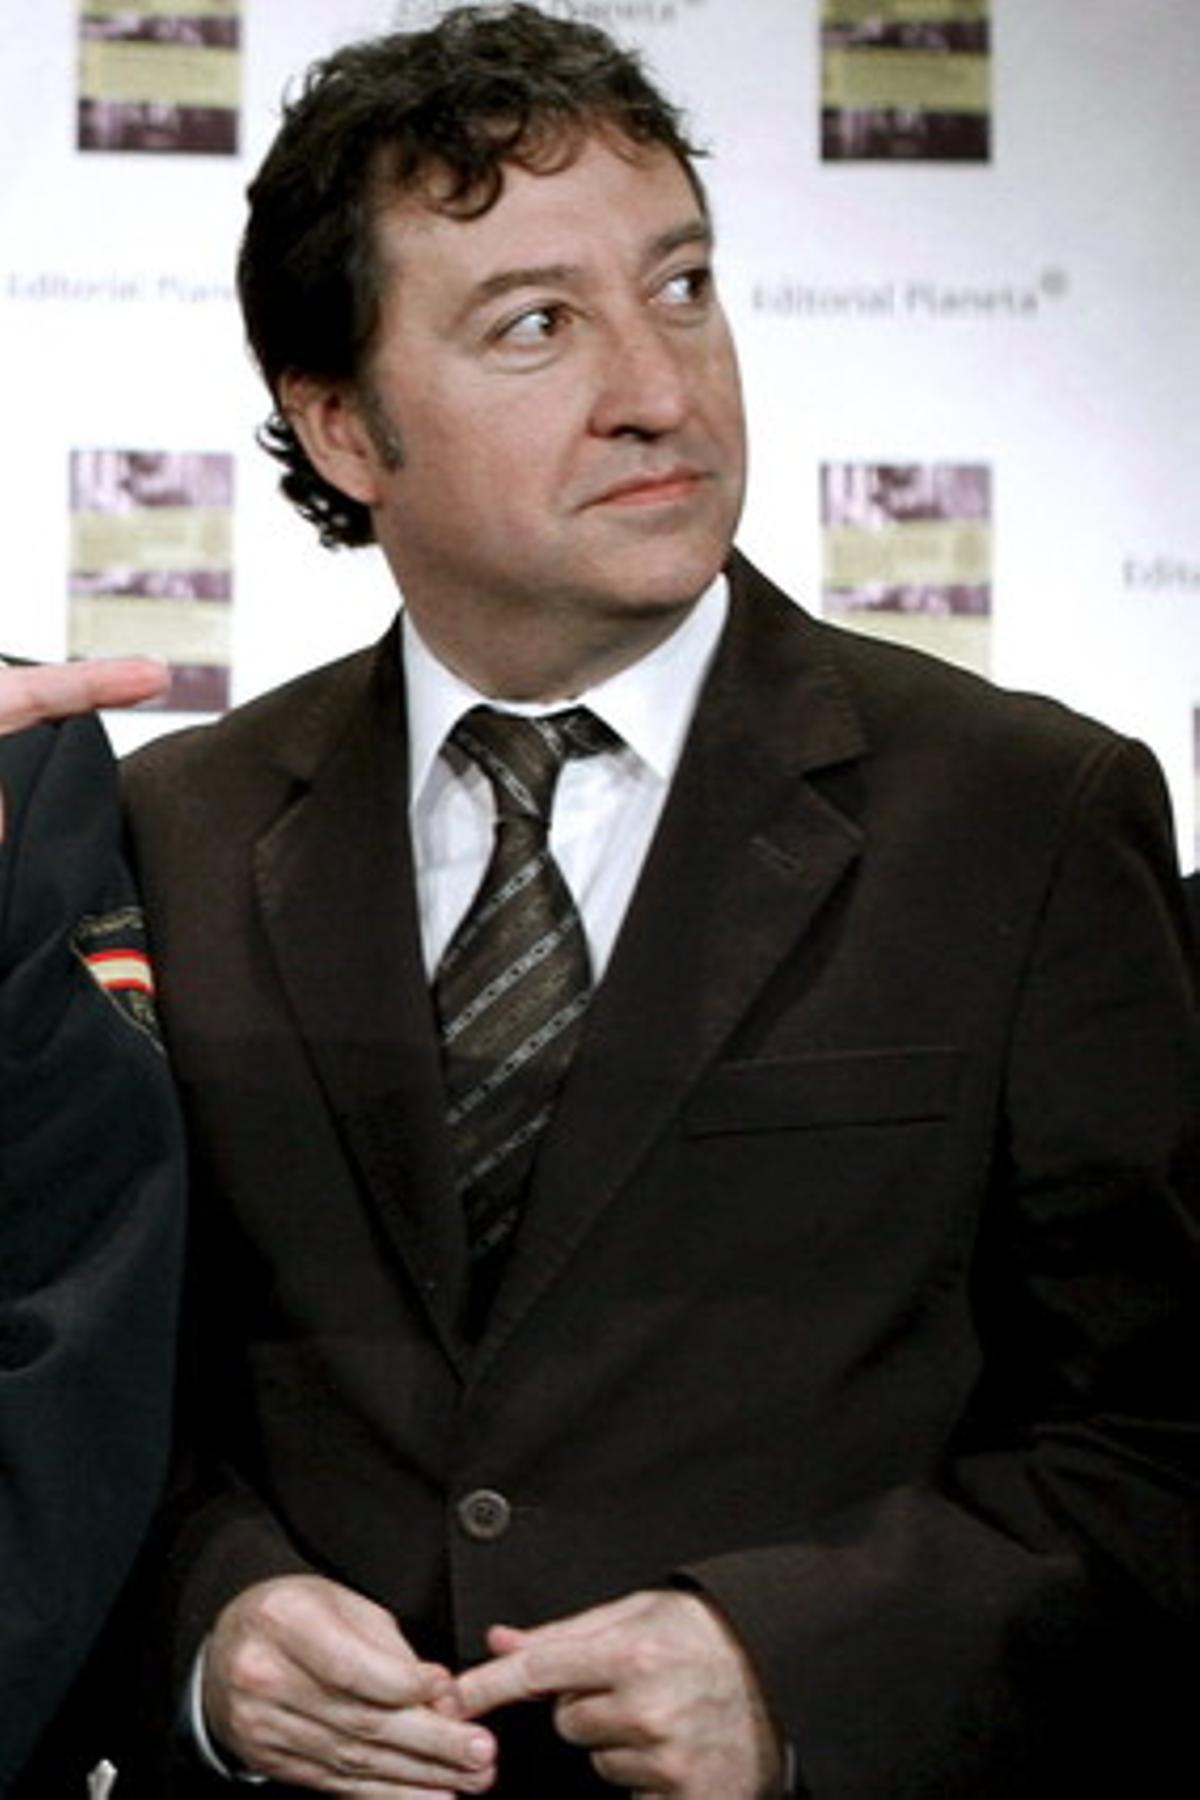 El ya exdirector de Comunicación del Ministerio del Interior, Albert Gimeno, en Barcelona, el 7 de abril del 2009.